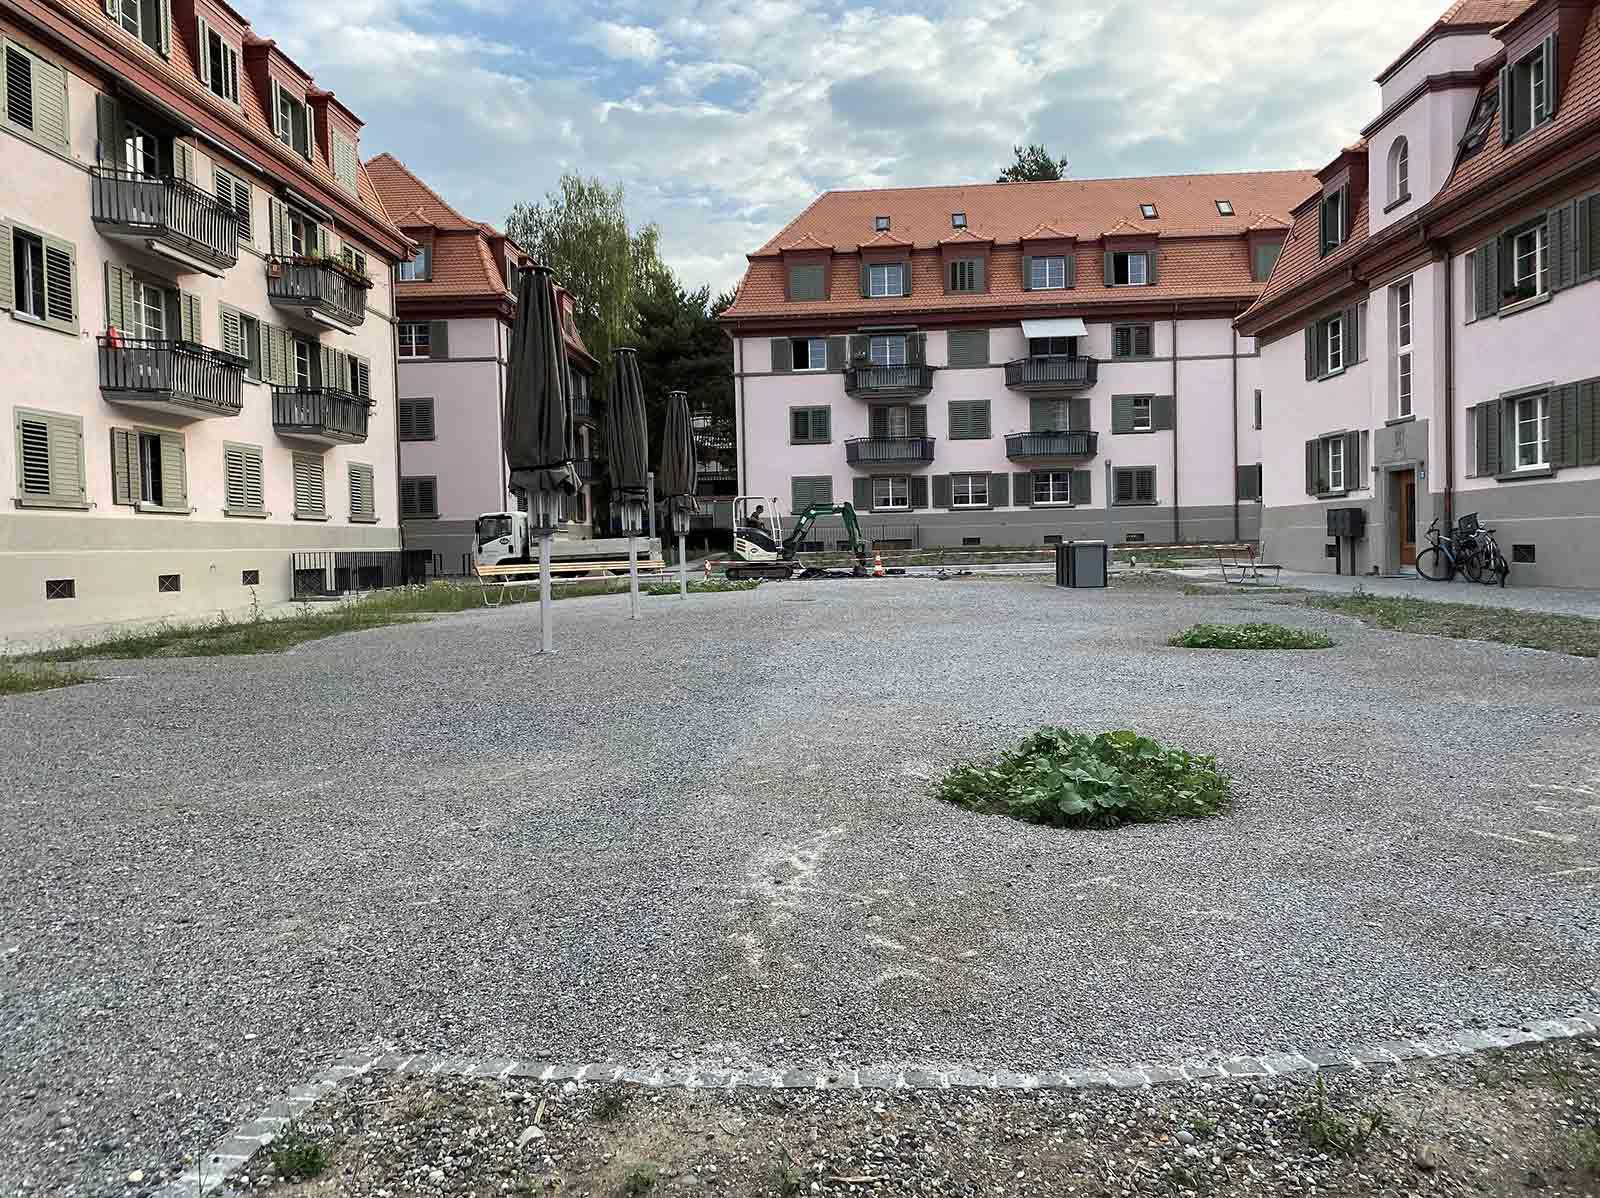 Misslungene Hofgestaltung bei der BEP-Siedlung Letten 4.